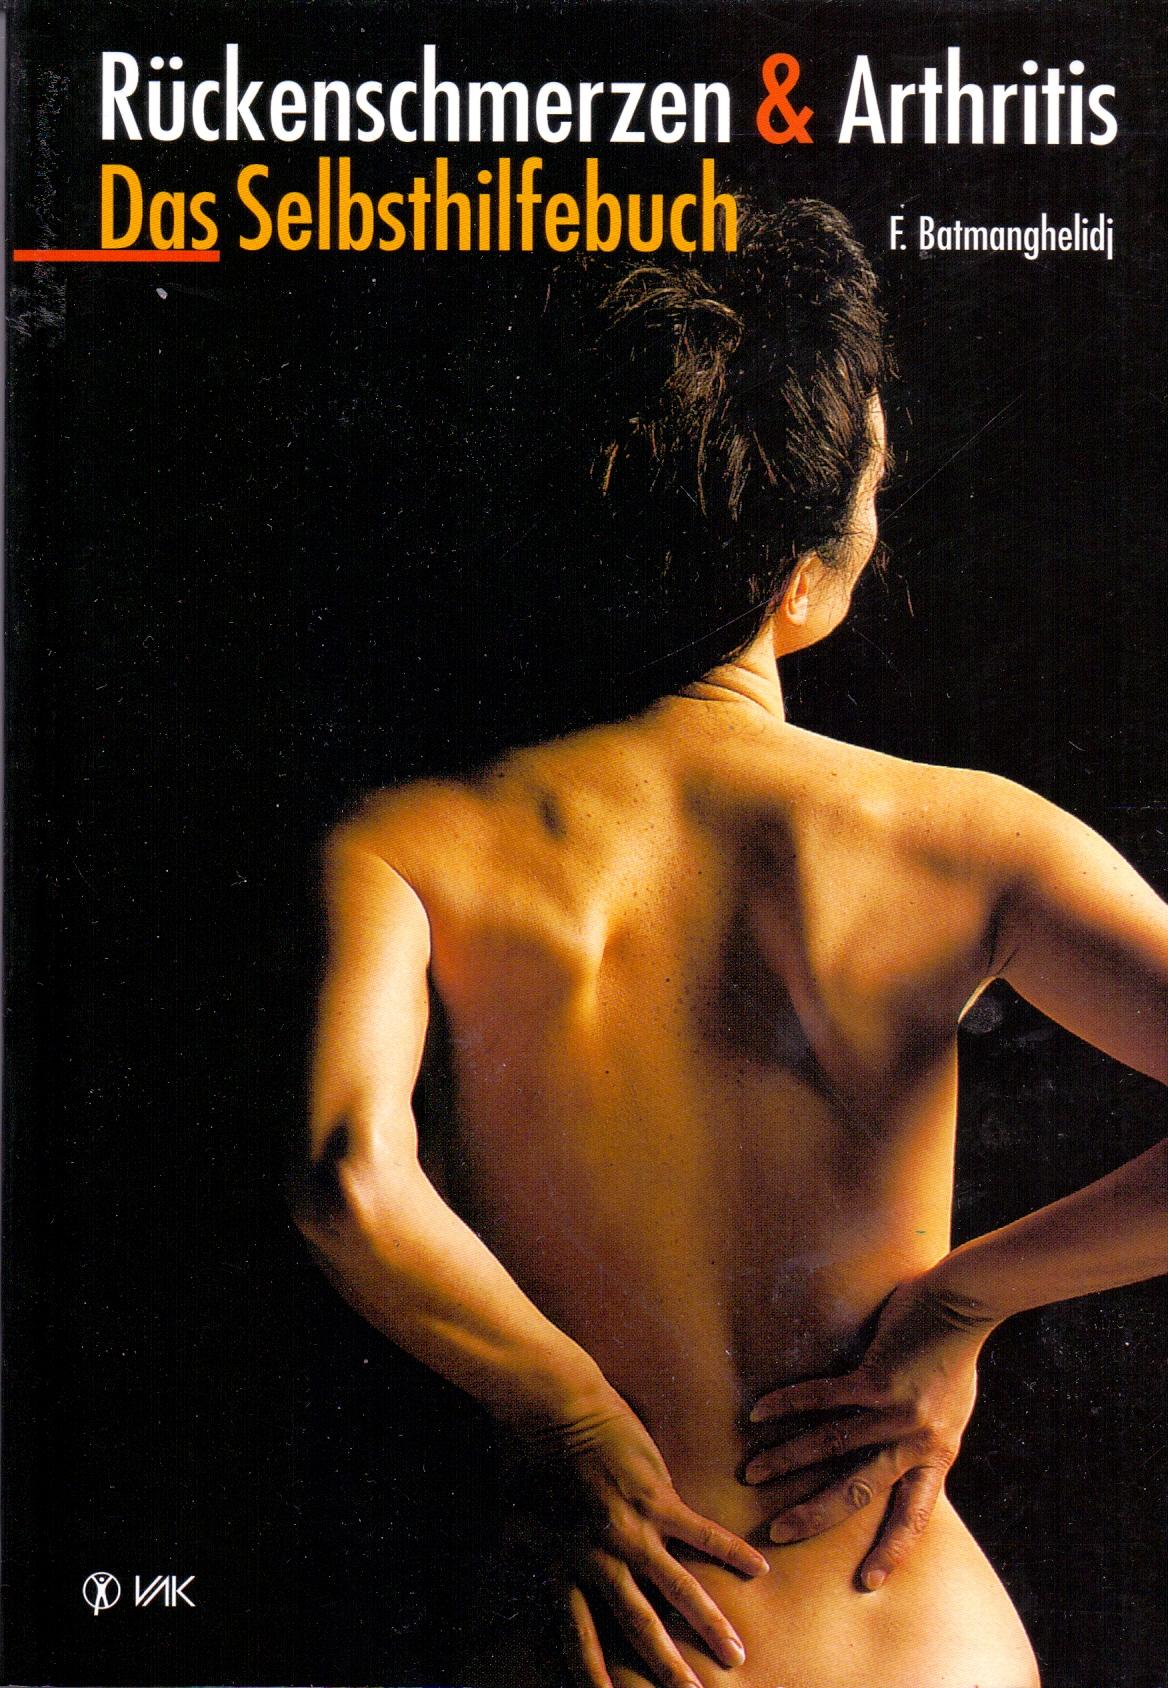 Rückenschmerzen und Arthritis: Das Selbsthilfebuch - Fereydoon Batmanghelidj [Taschenbuch, 5. Aufalge 2004]